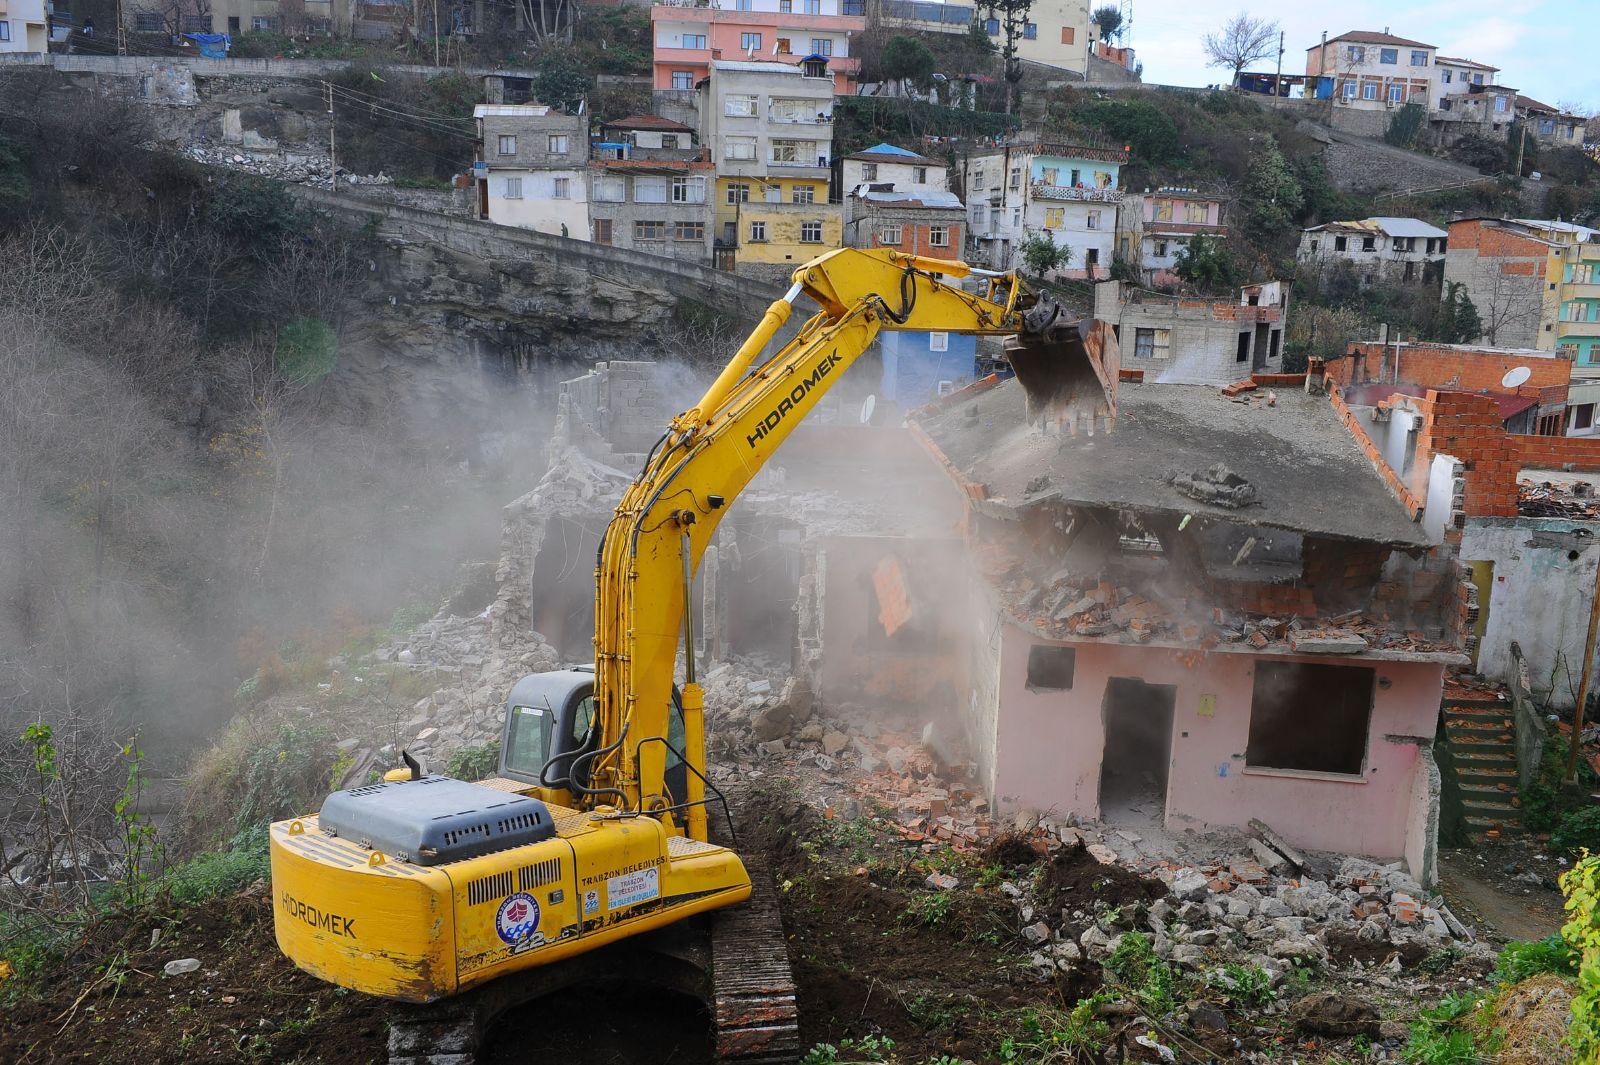 Kirazlıtepelilere sunulan tercih: Ya mahalleyi boşalt ya asbest solu